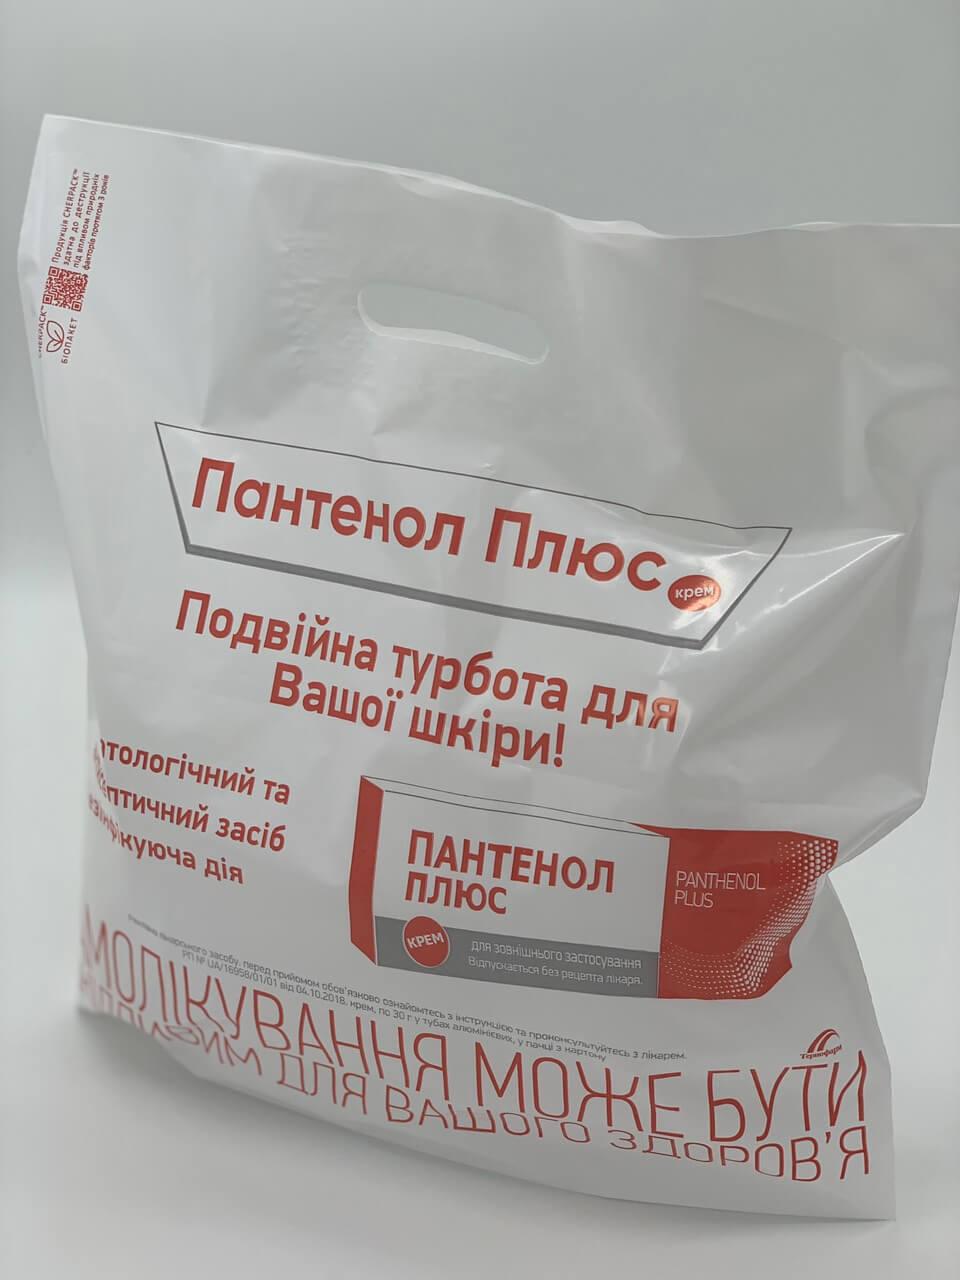 Примеры работ Chernigov Package - Фото 8-15-14